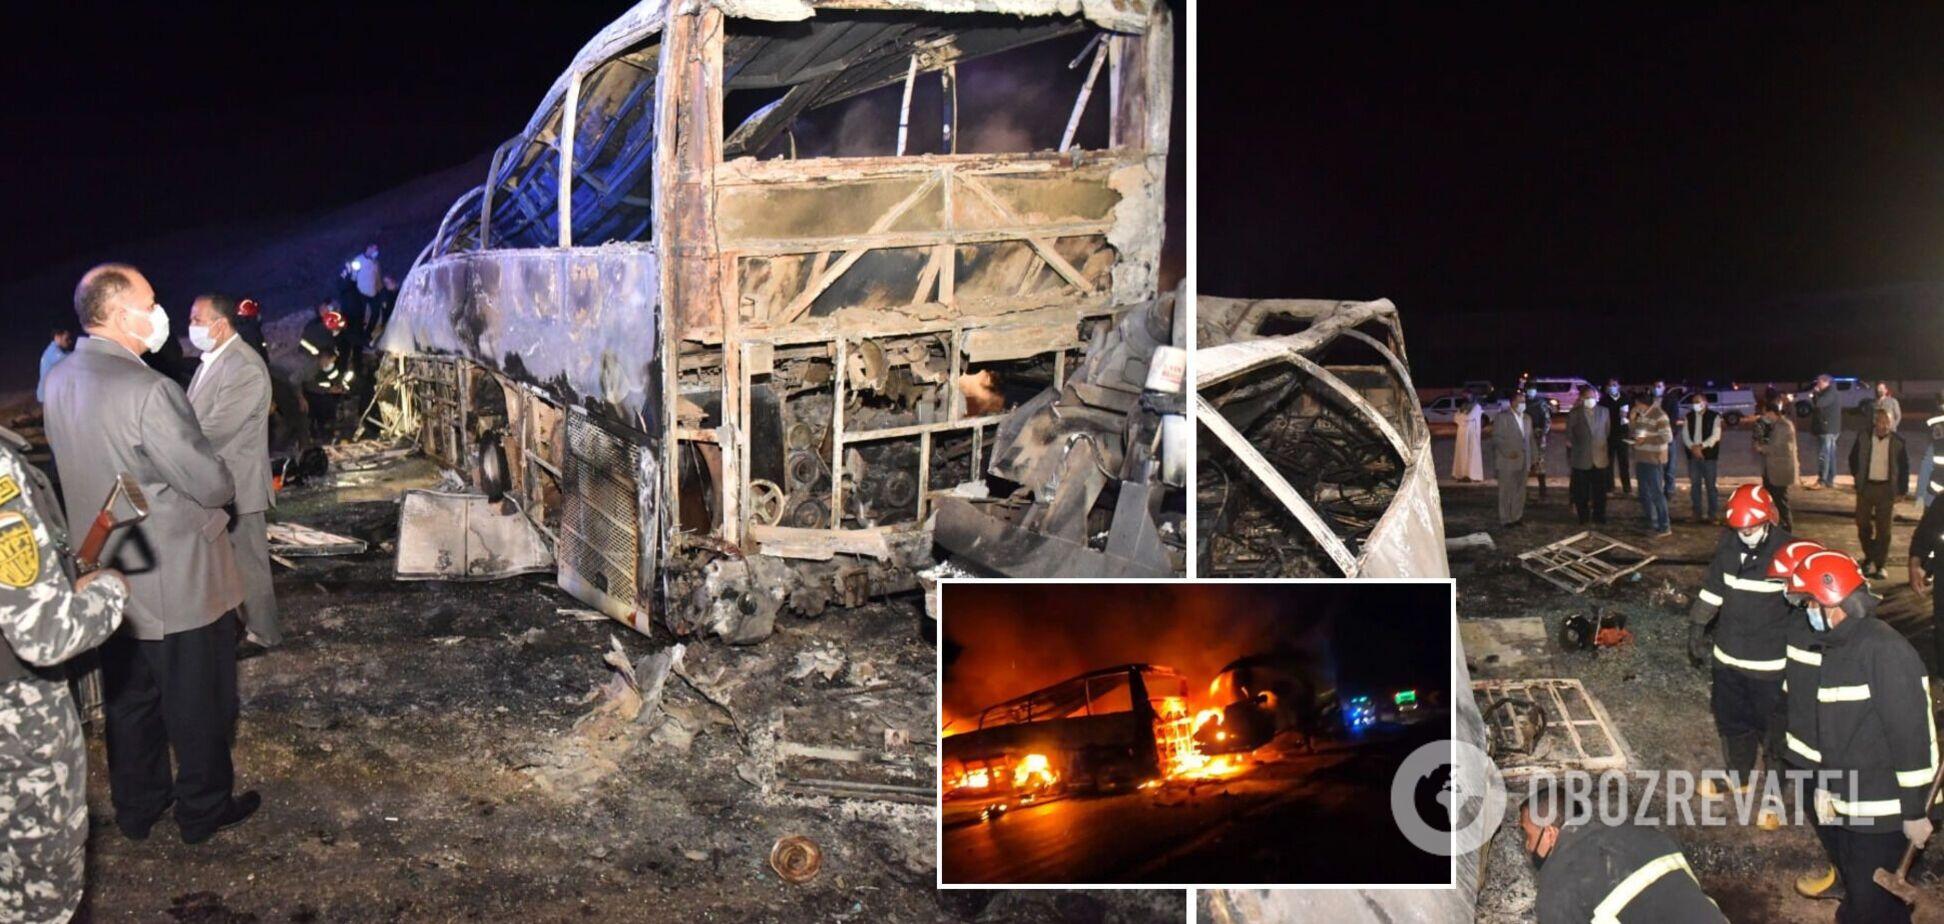 У Єгипті трапилася велика ДТП: 20 осіб згоріли живцем. Фото